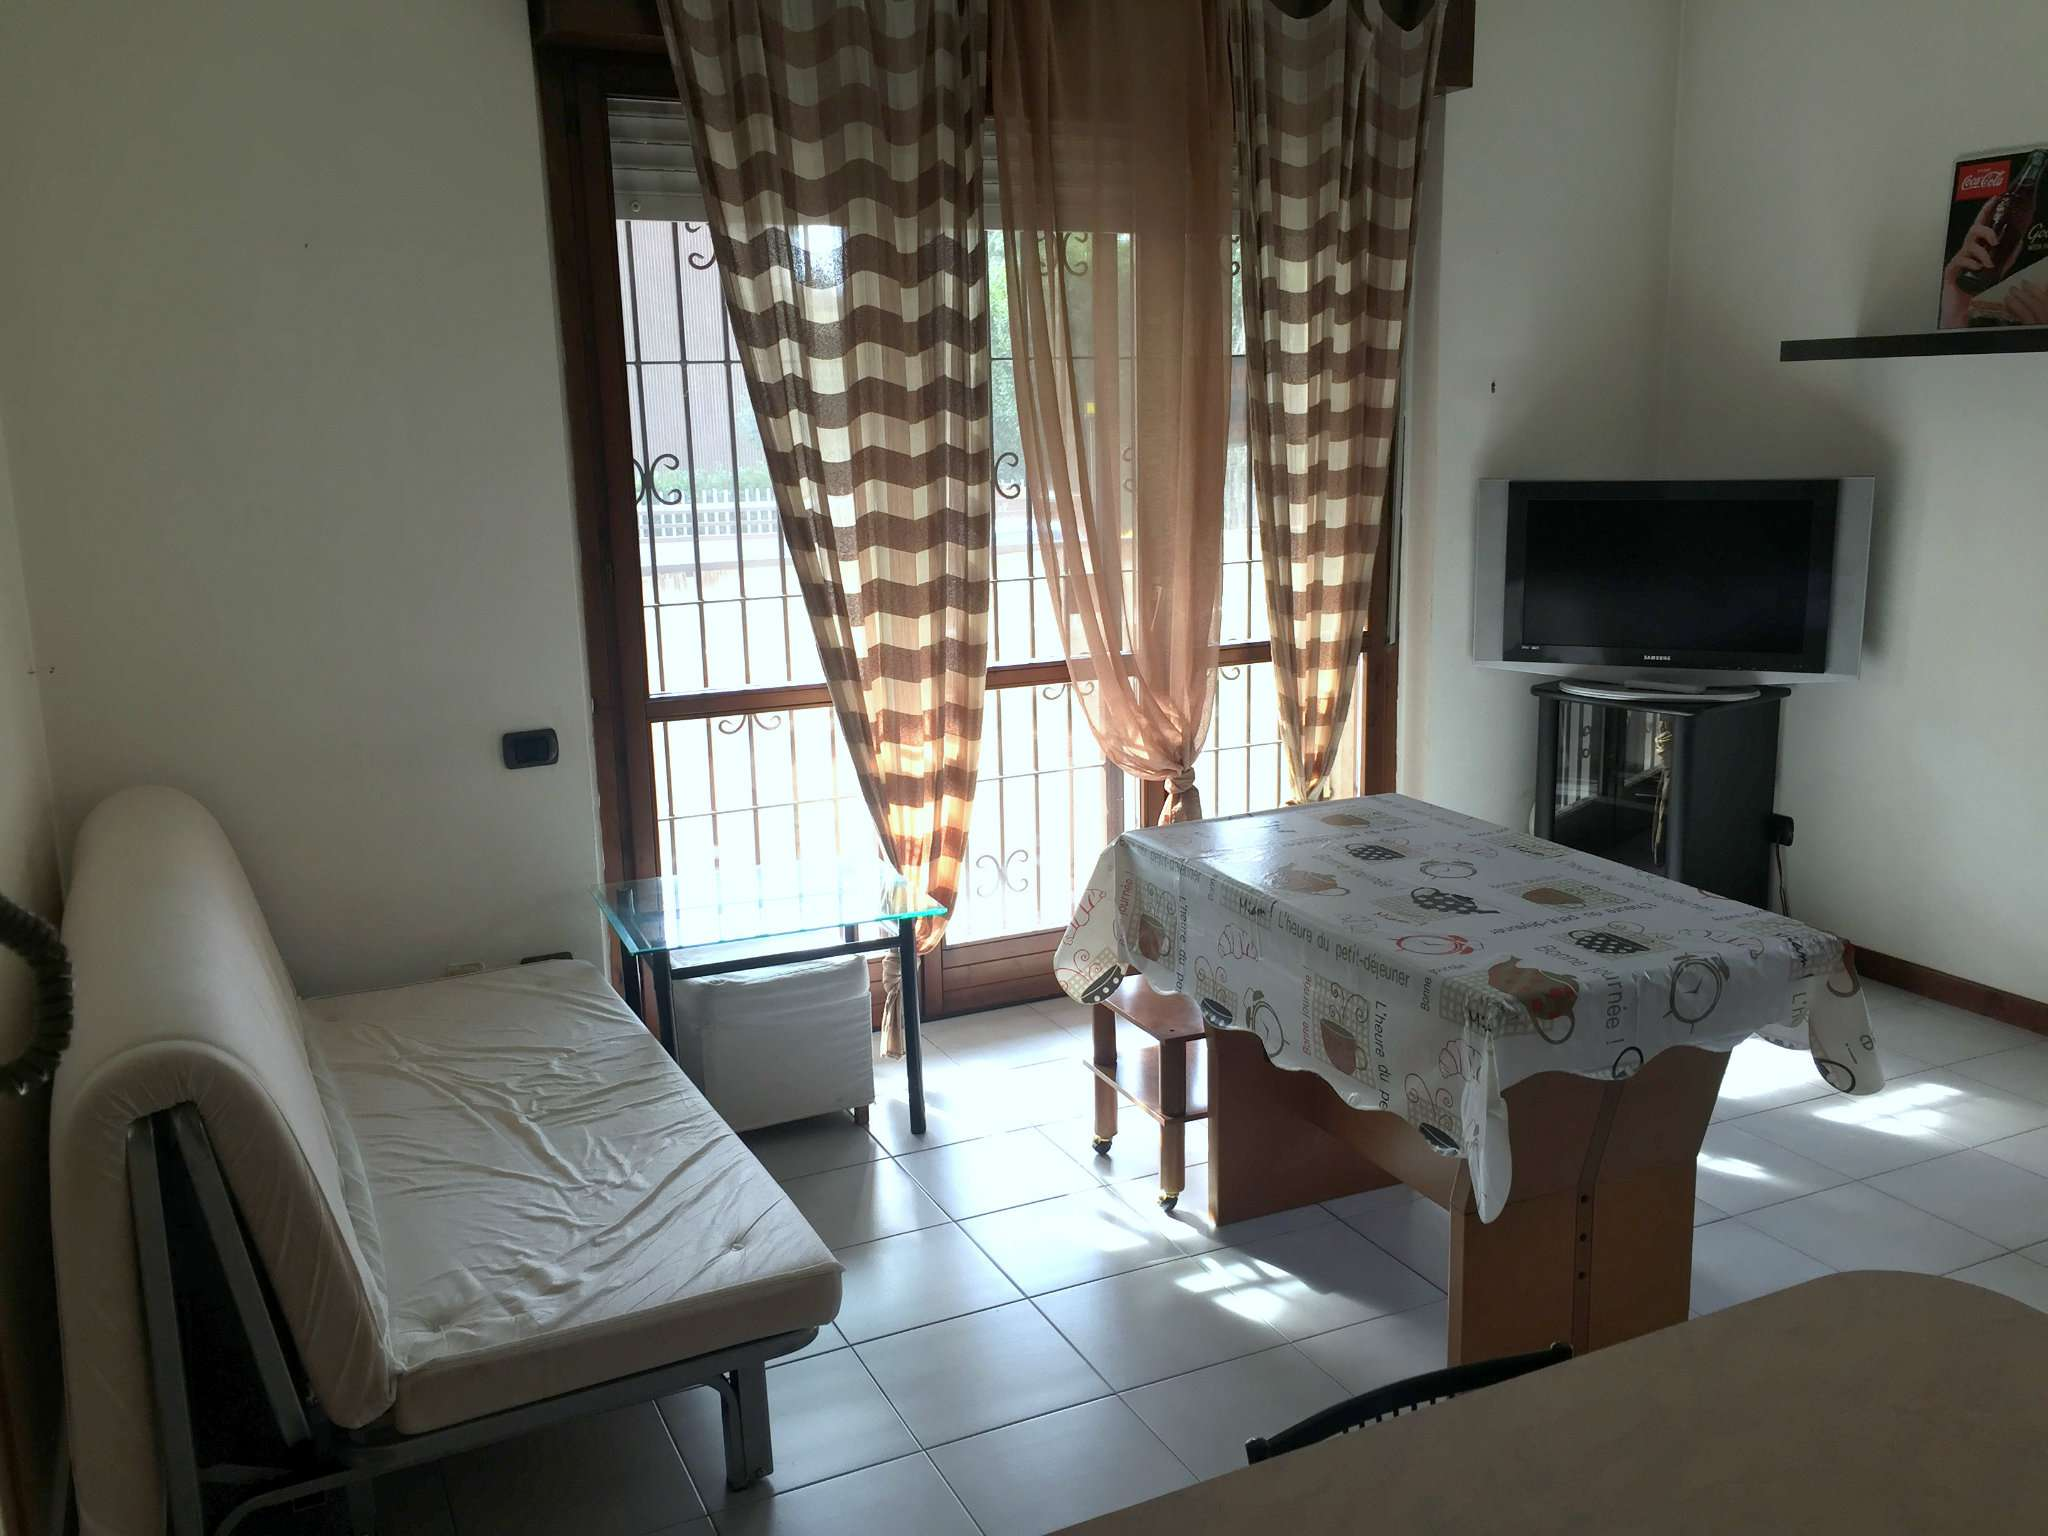 Appartamento in vendita a Gorgonzola, 2 locali, prezzo € 105.000 | CambioCasa.it